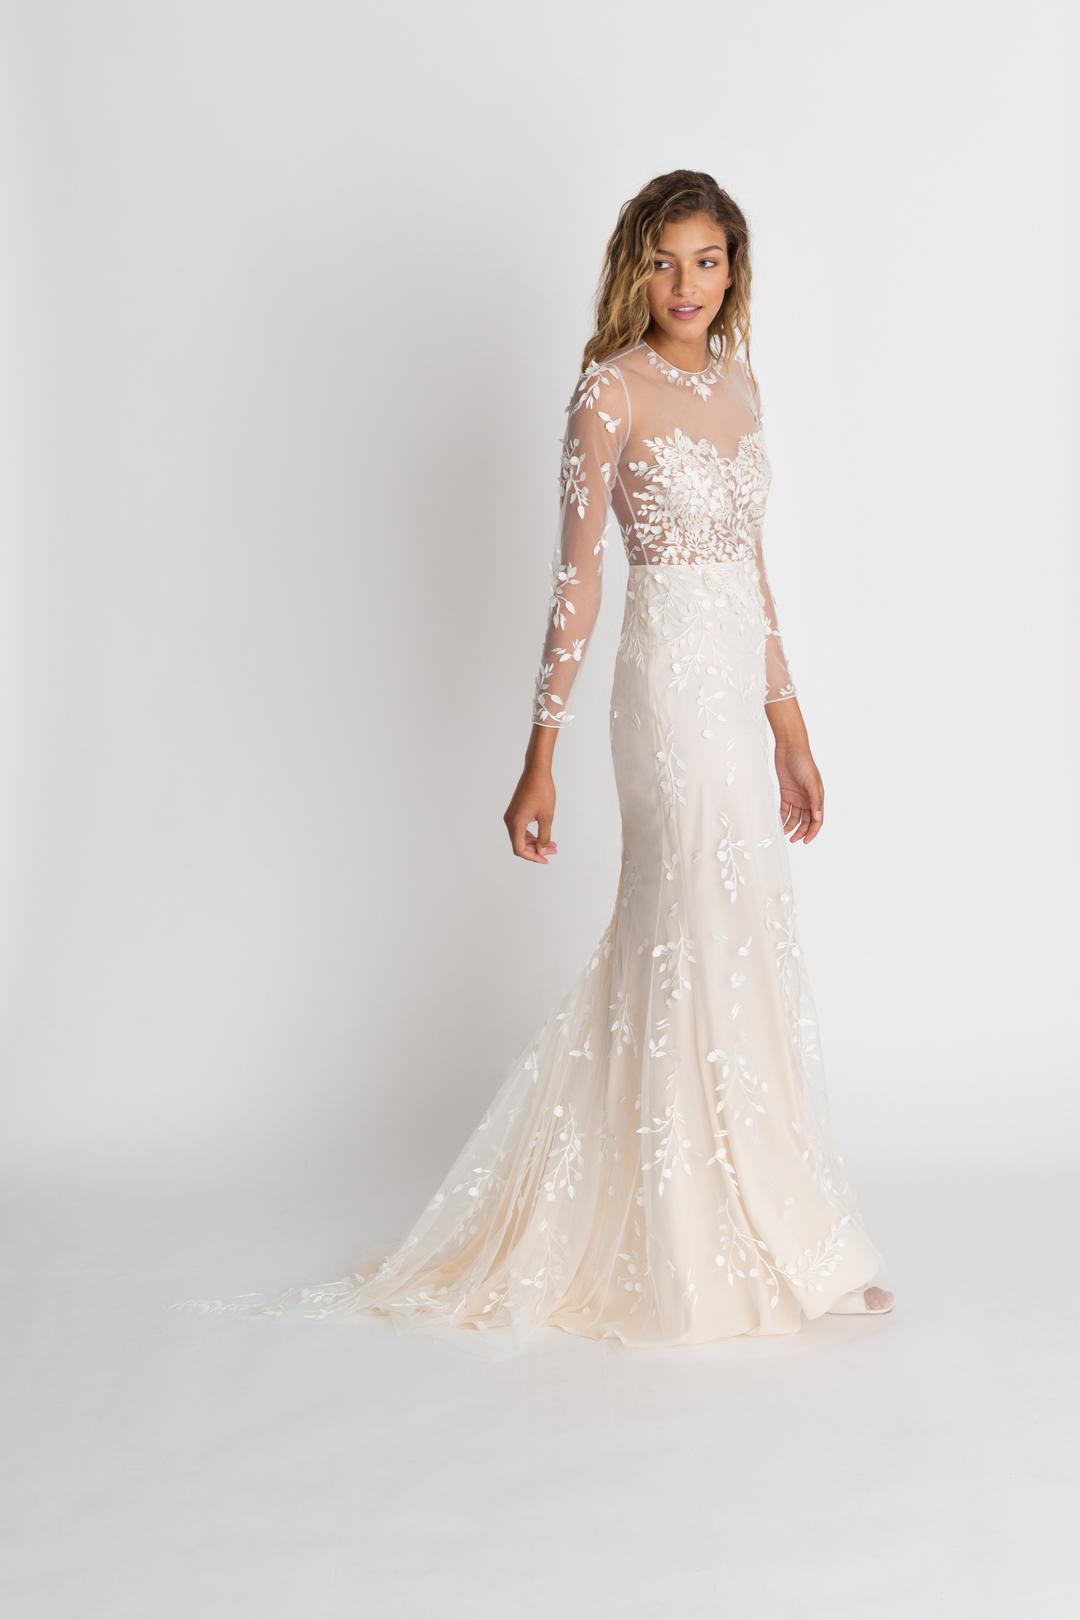 wilder dress photo